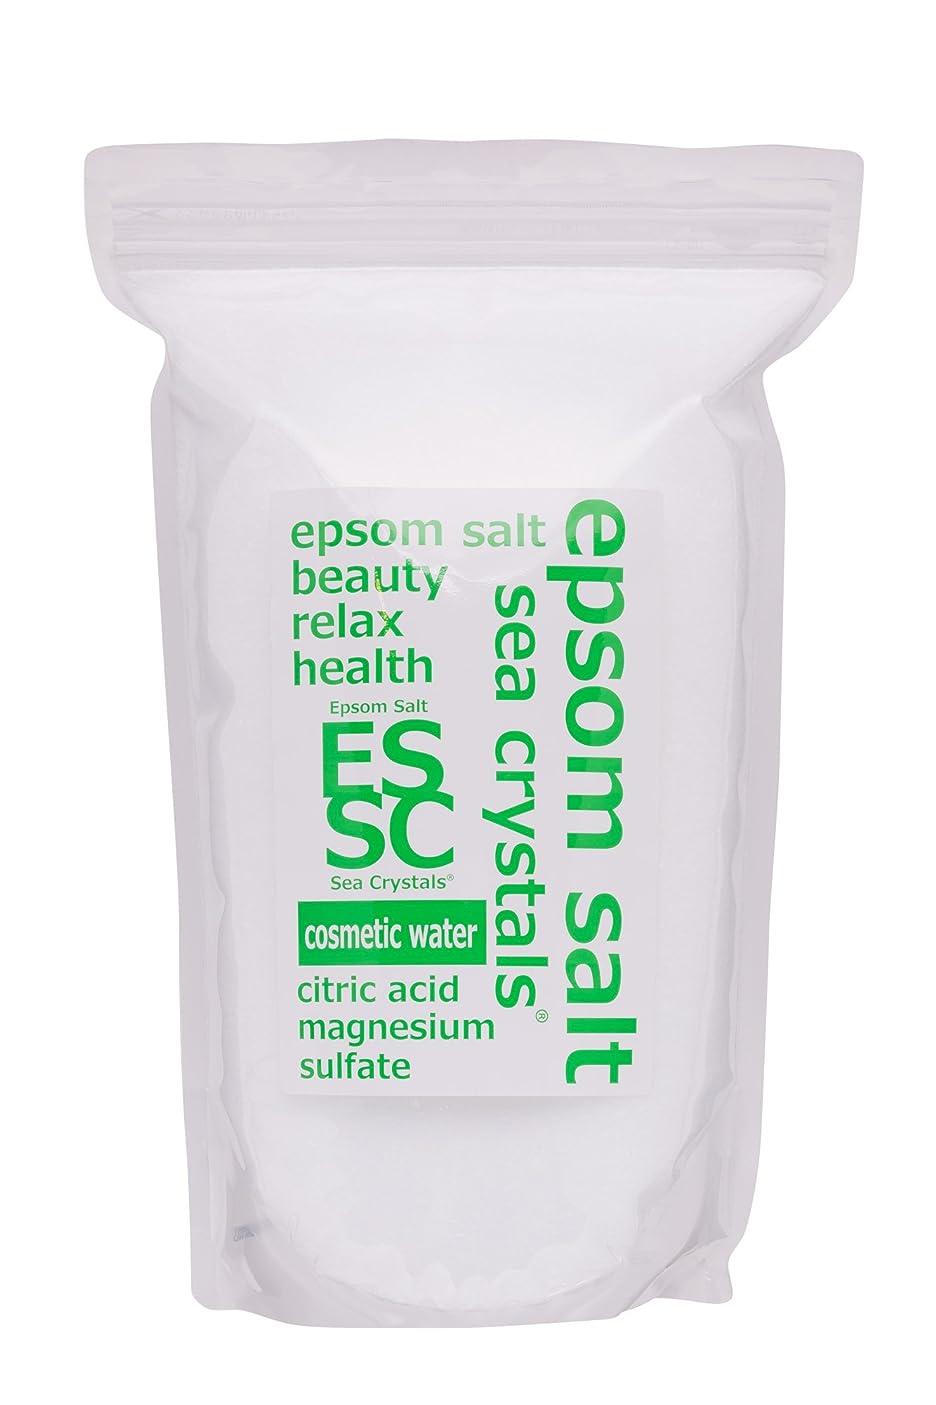 建てるシプリー未使用エプソムソルト コスメティックウォーター 2.2kg入浴剤 (浴用化粧品)クエン酸配合 シークリスタルス